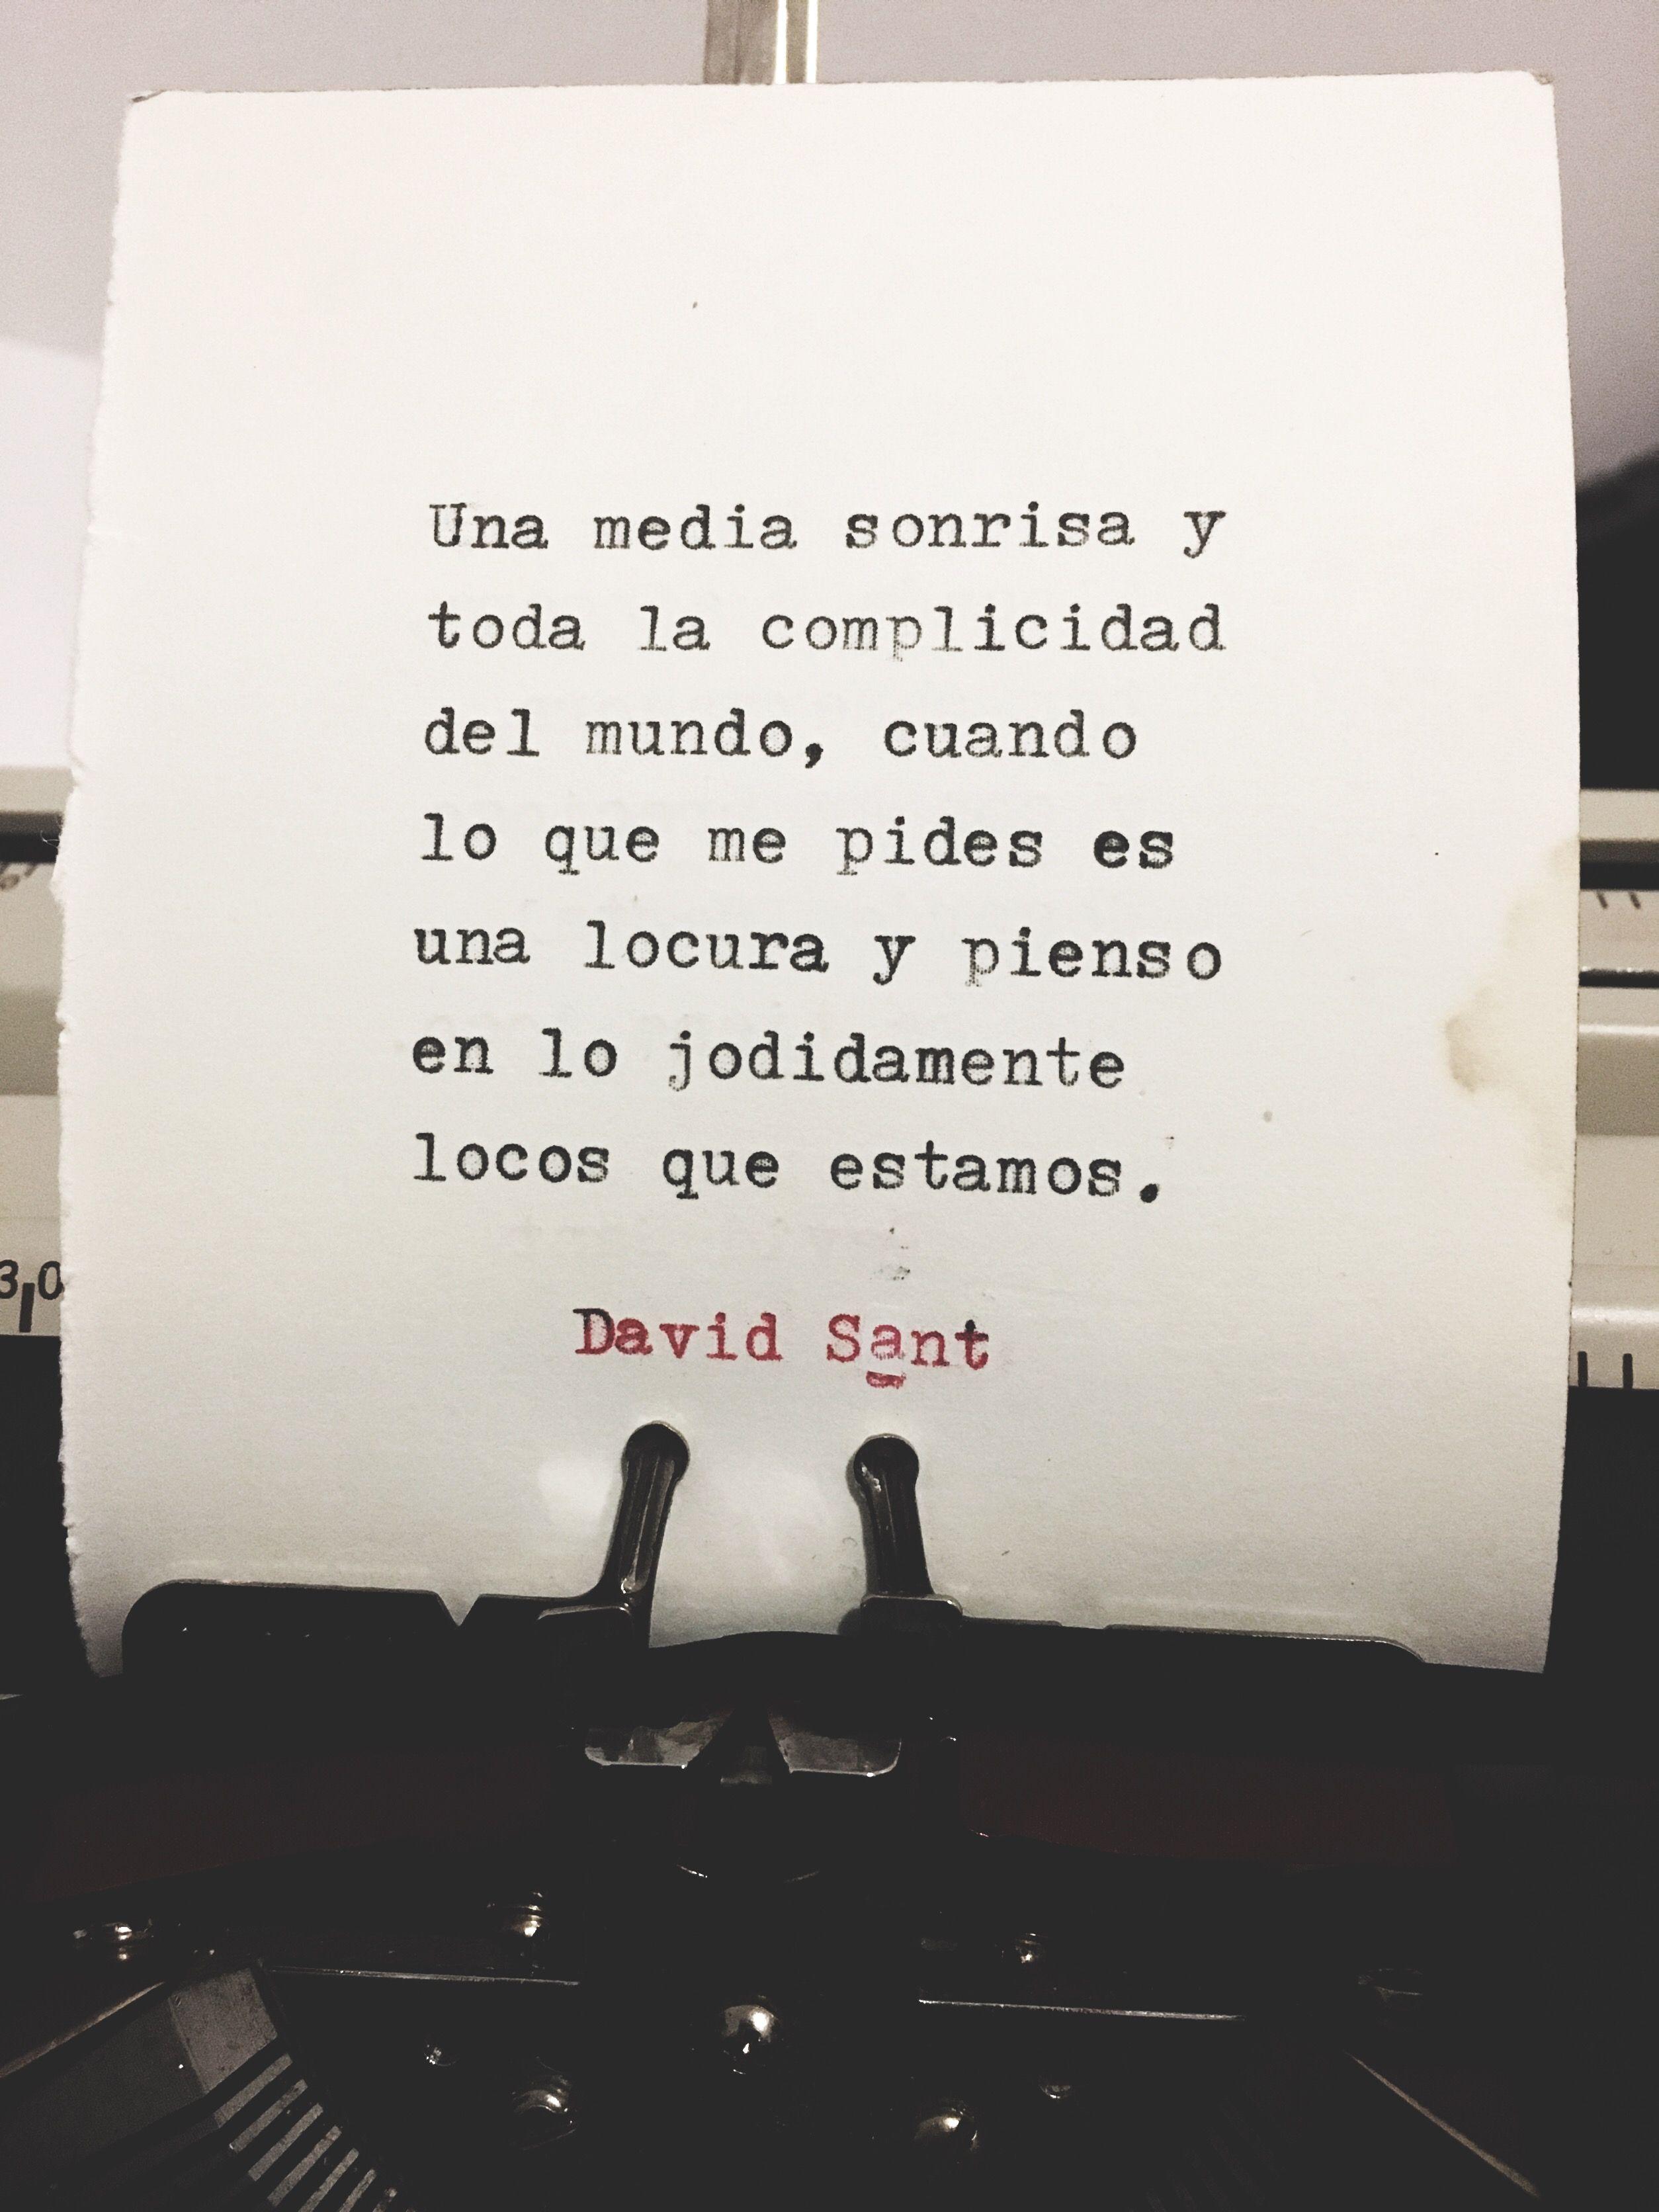 Una media sonrisa y toda la complicidad del mundo, cuando lo que me pides es una locura y pienso en lo jodidamente locos que estamos. - David Sant